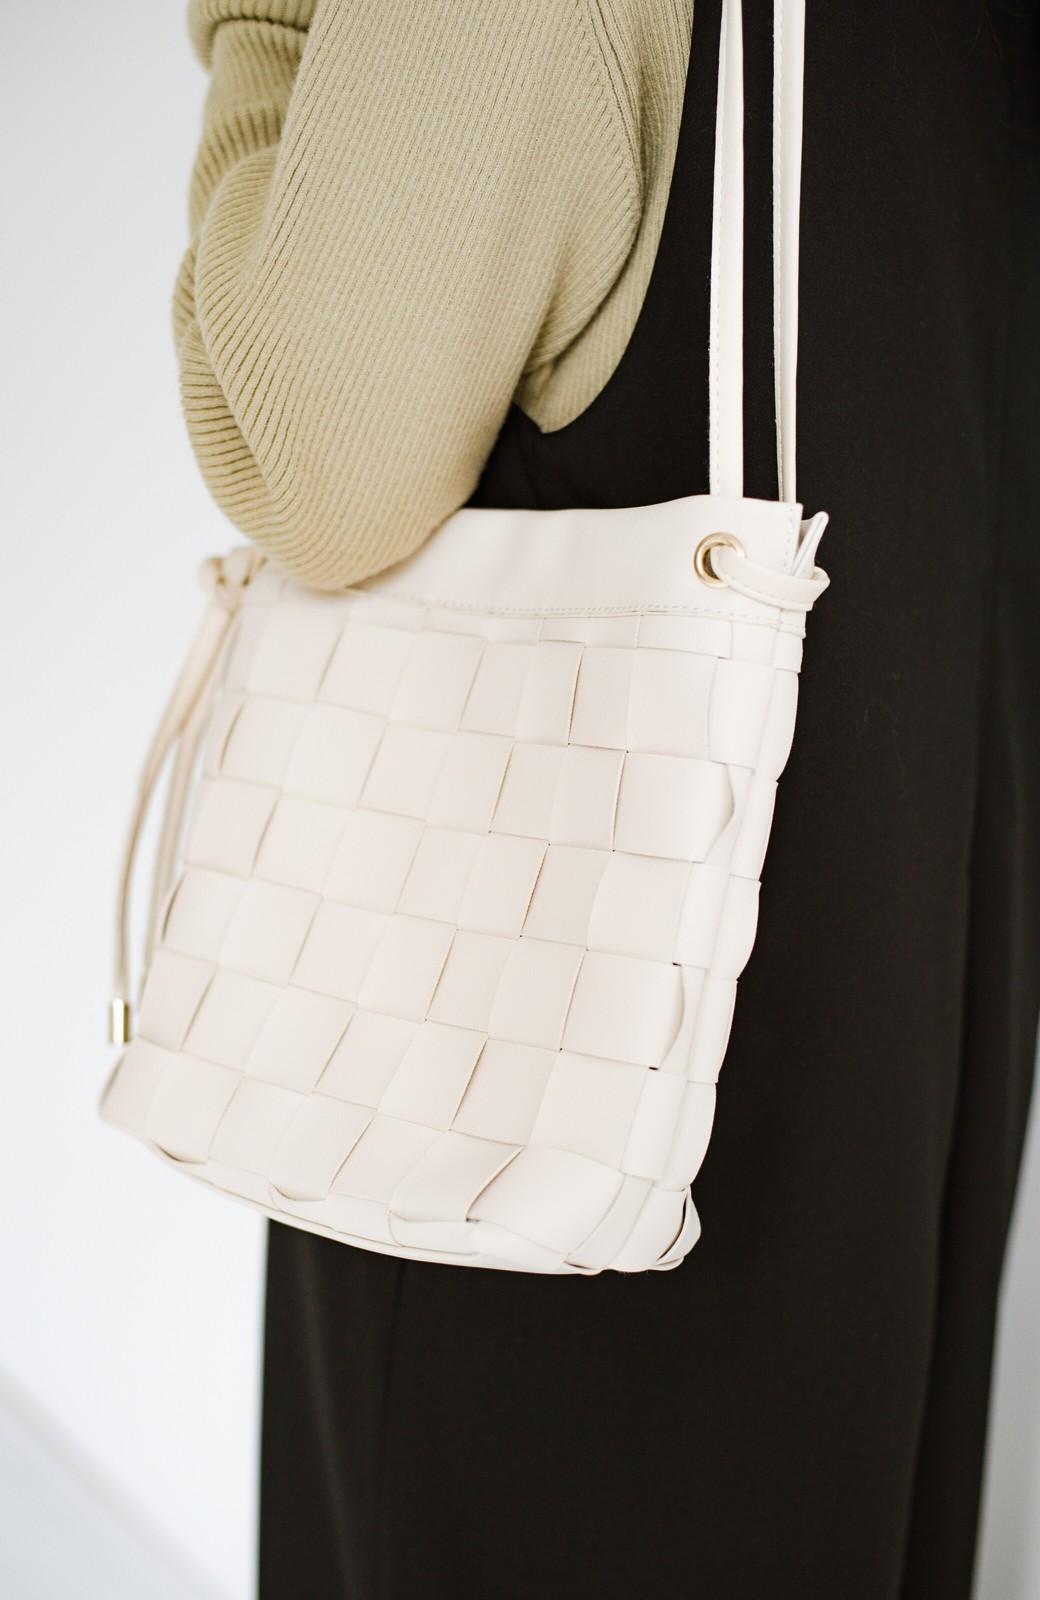 haco! さっと持って女っぽ 手編みメッシュが上品なやわらかフェイクレザーのトートバッグ <オフホワイト>の商品写真8